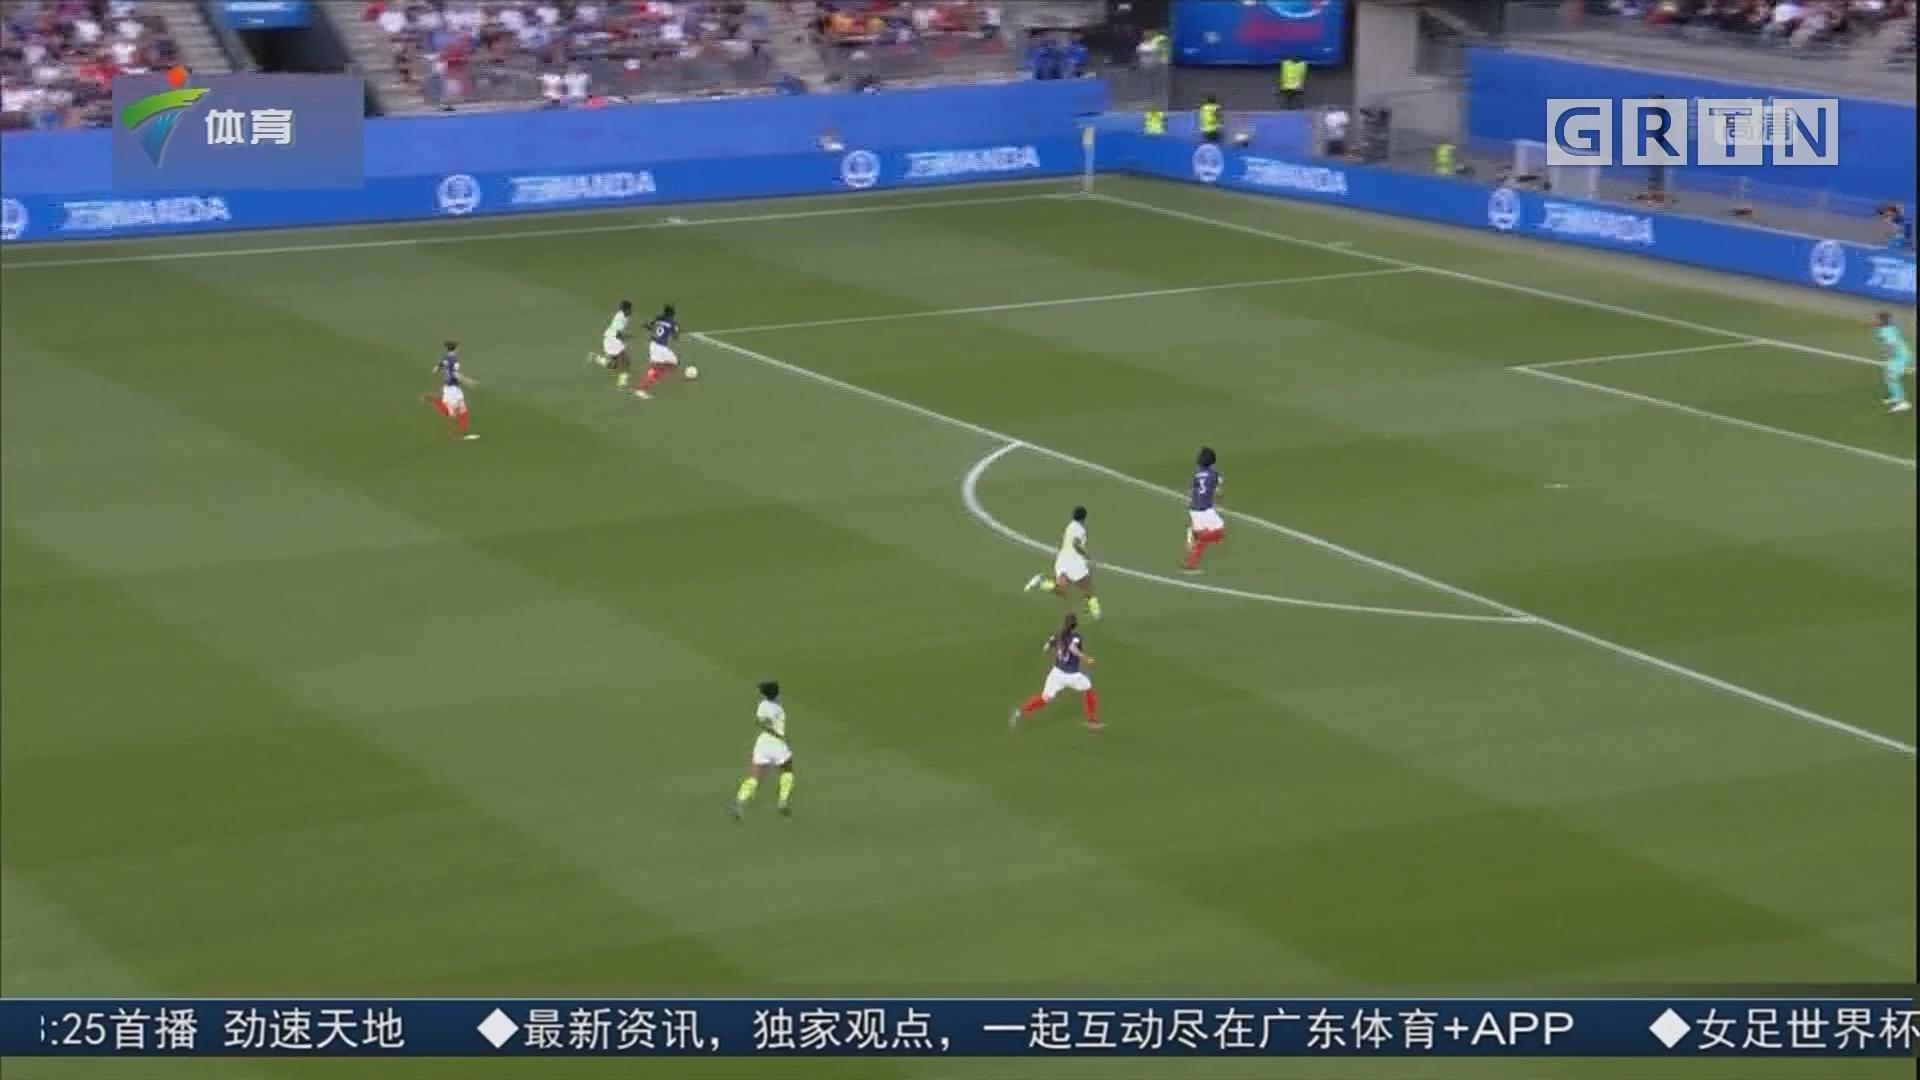 法国队小胜尼日利亚 三战全胜小组第一